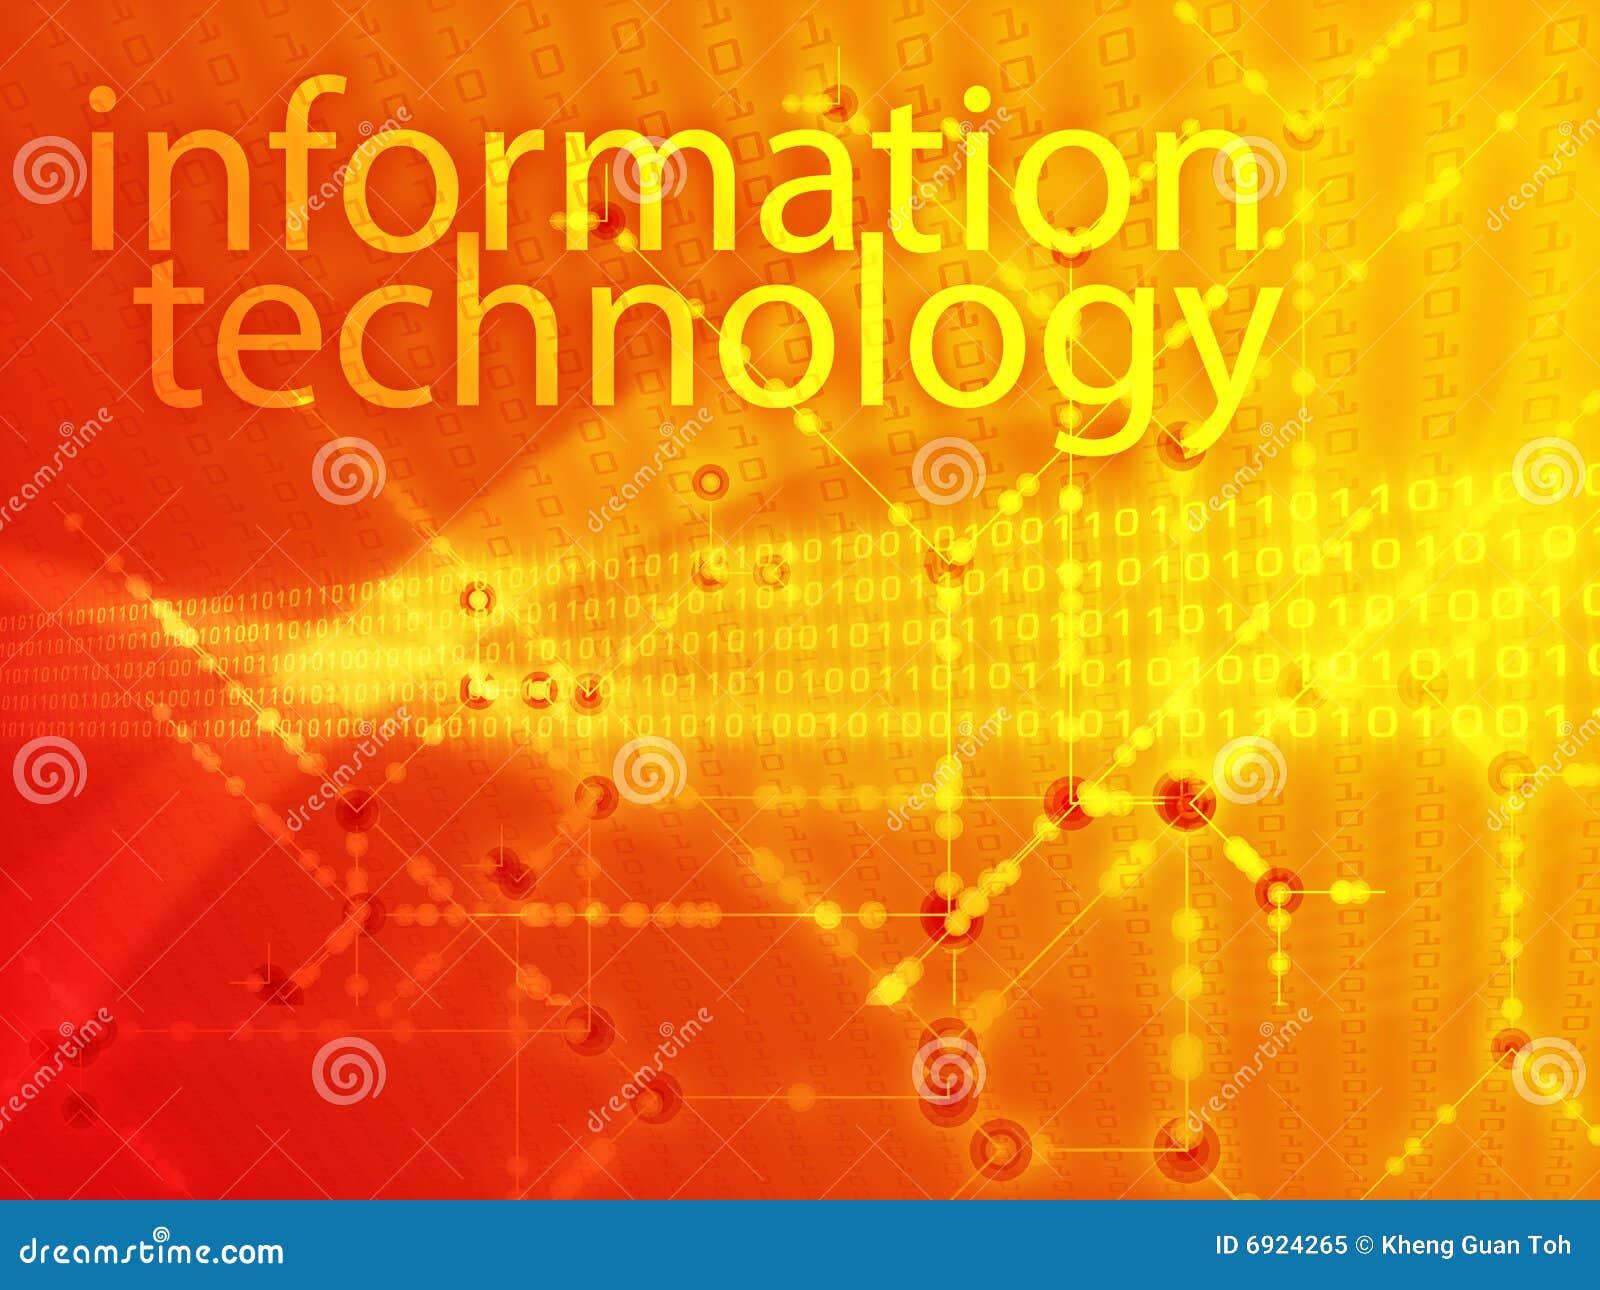 Informatietechnologie illustratie